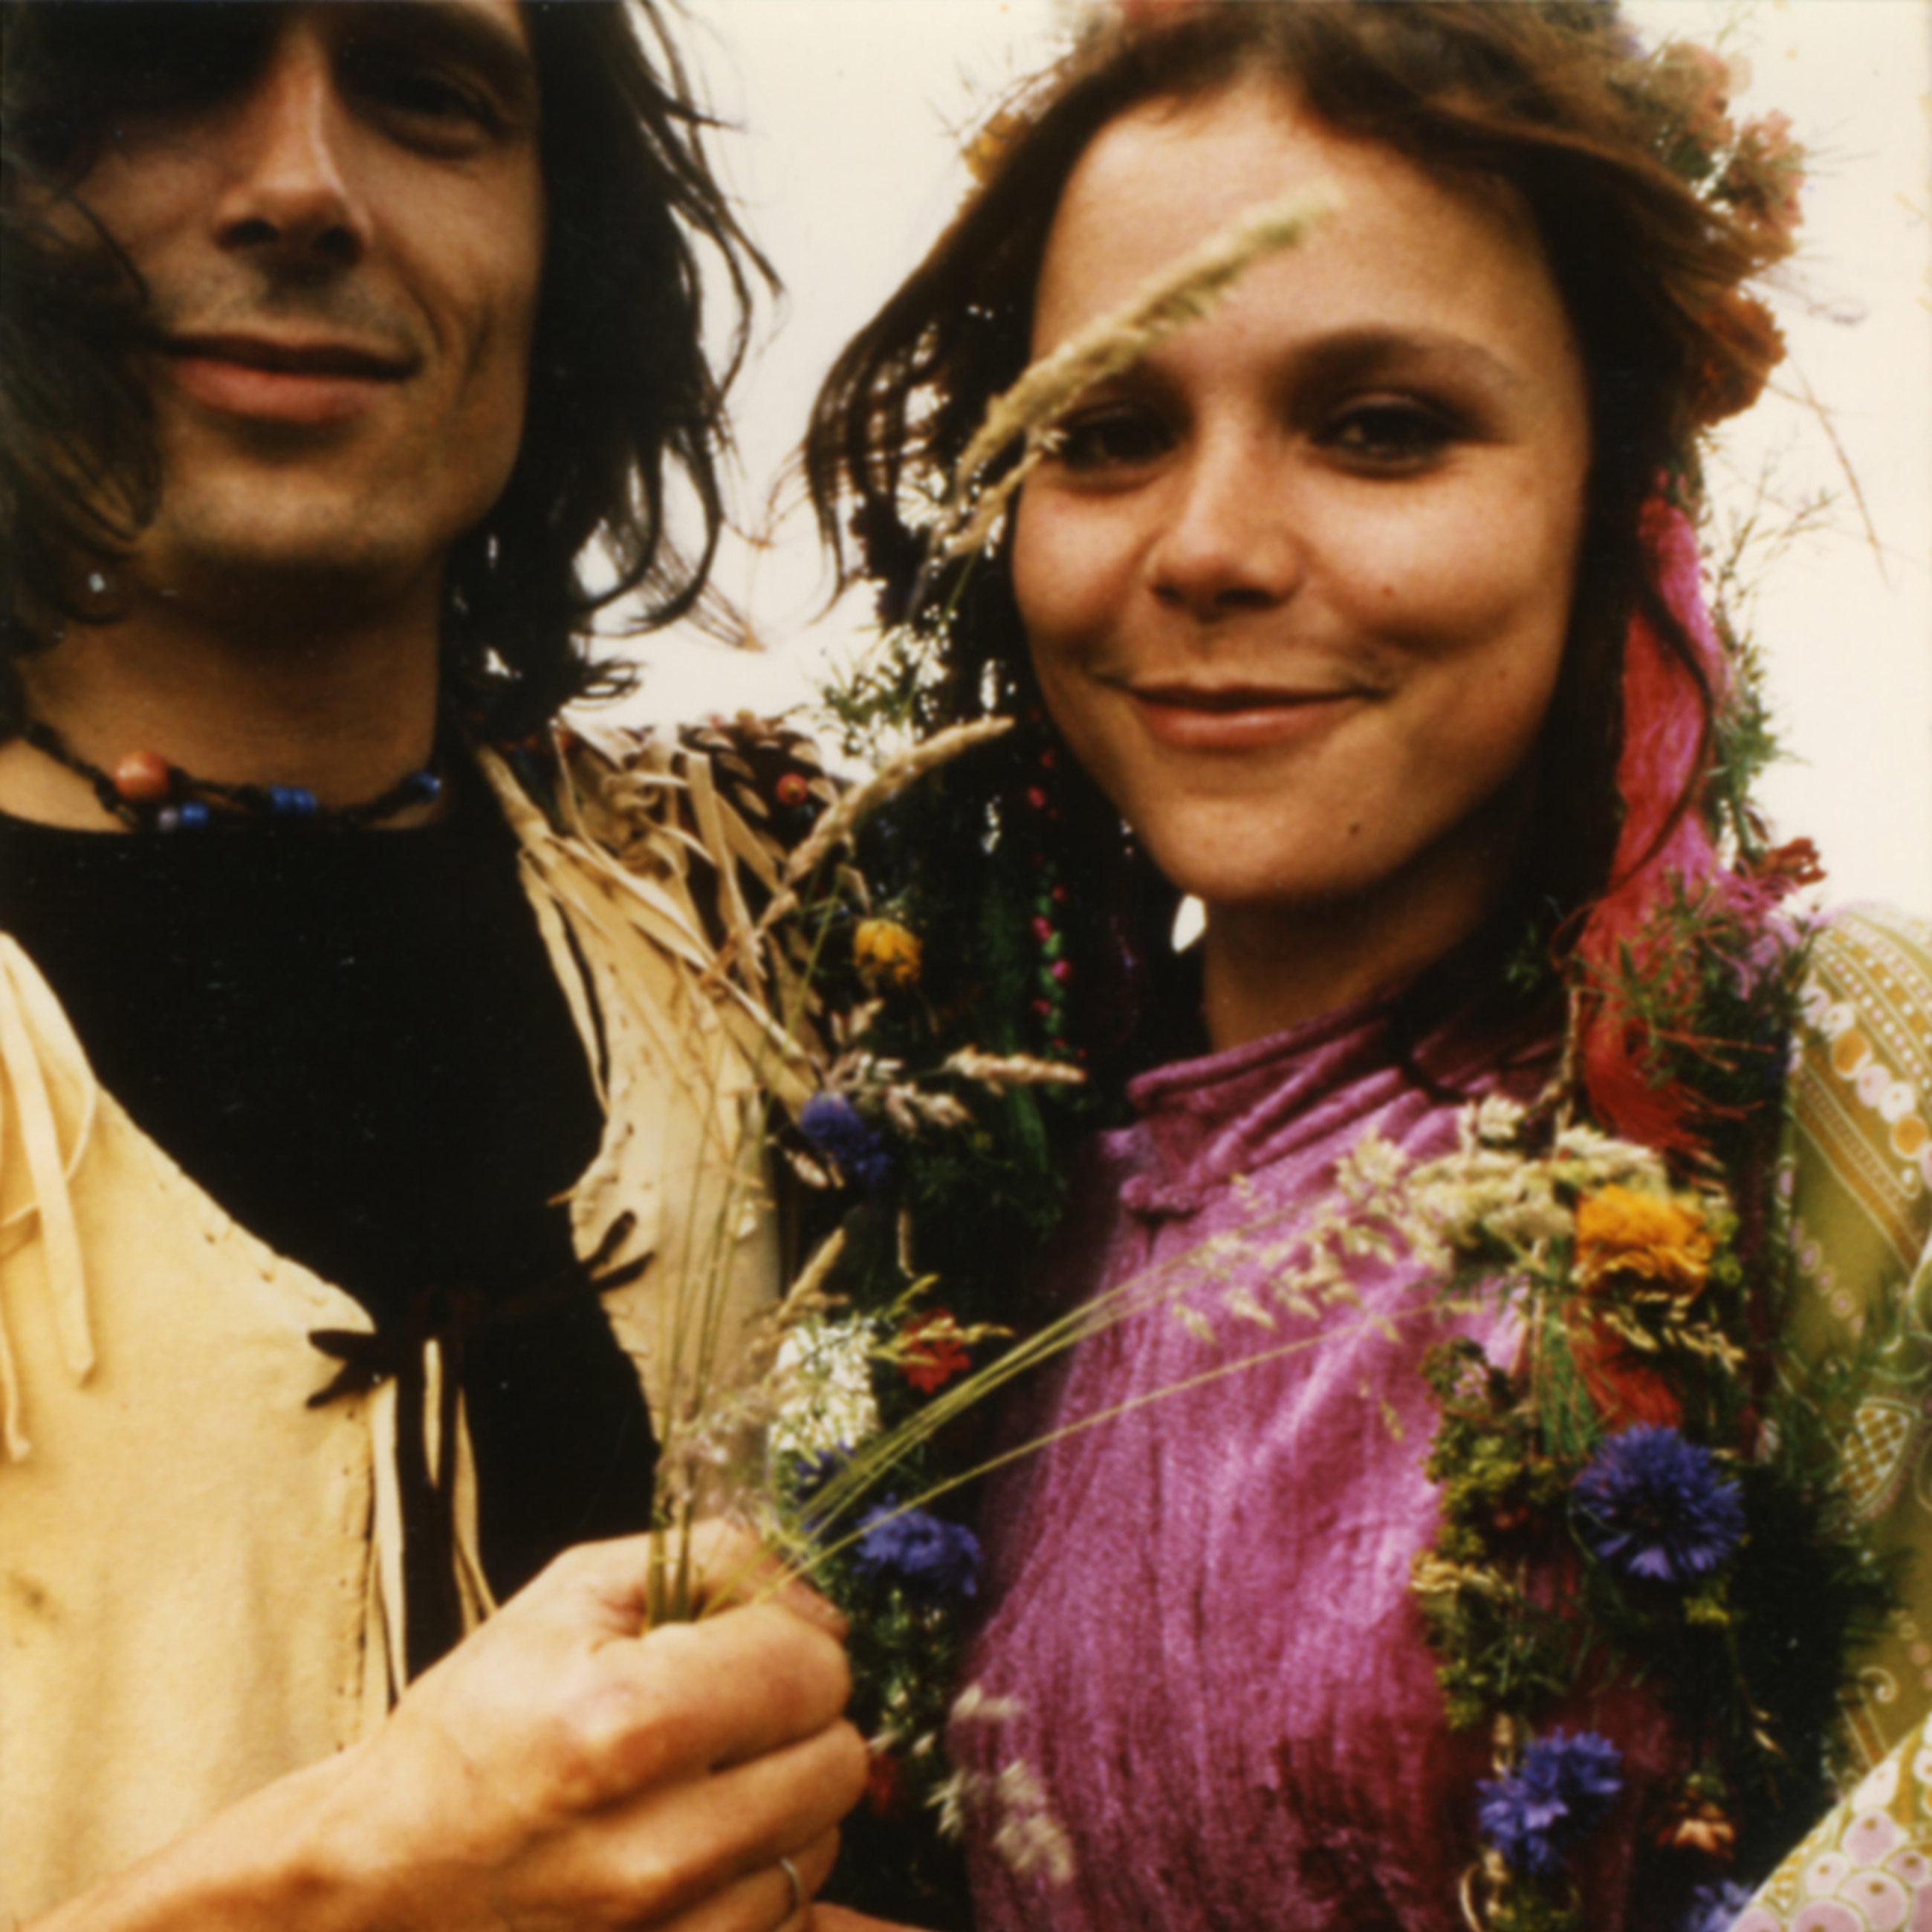 Bruiloftsfoto van cannabislegende Mila Jansen en haar echtgenoot Hans Swart, genomen in 1971.